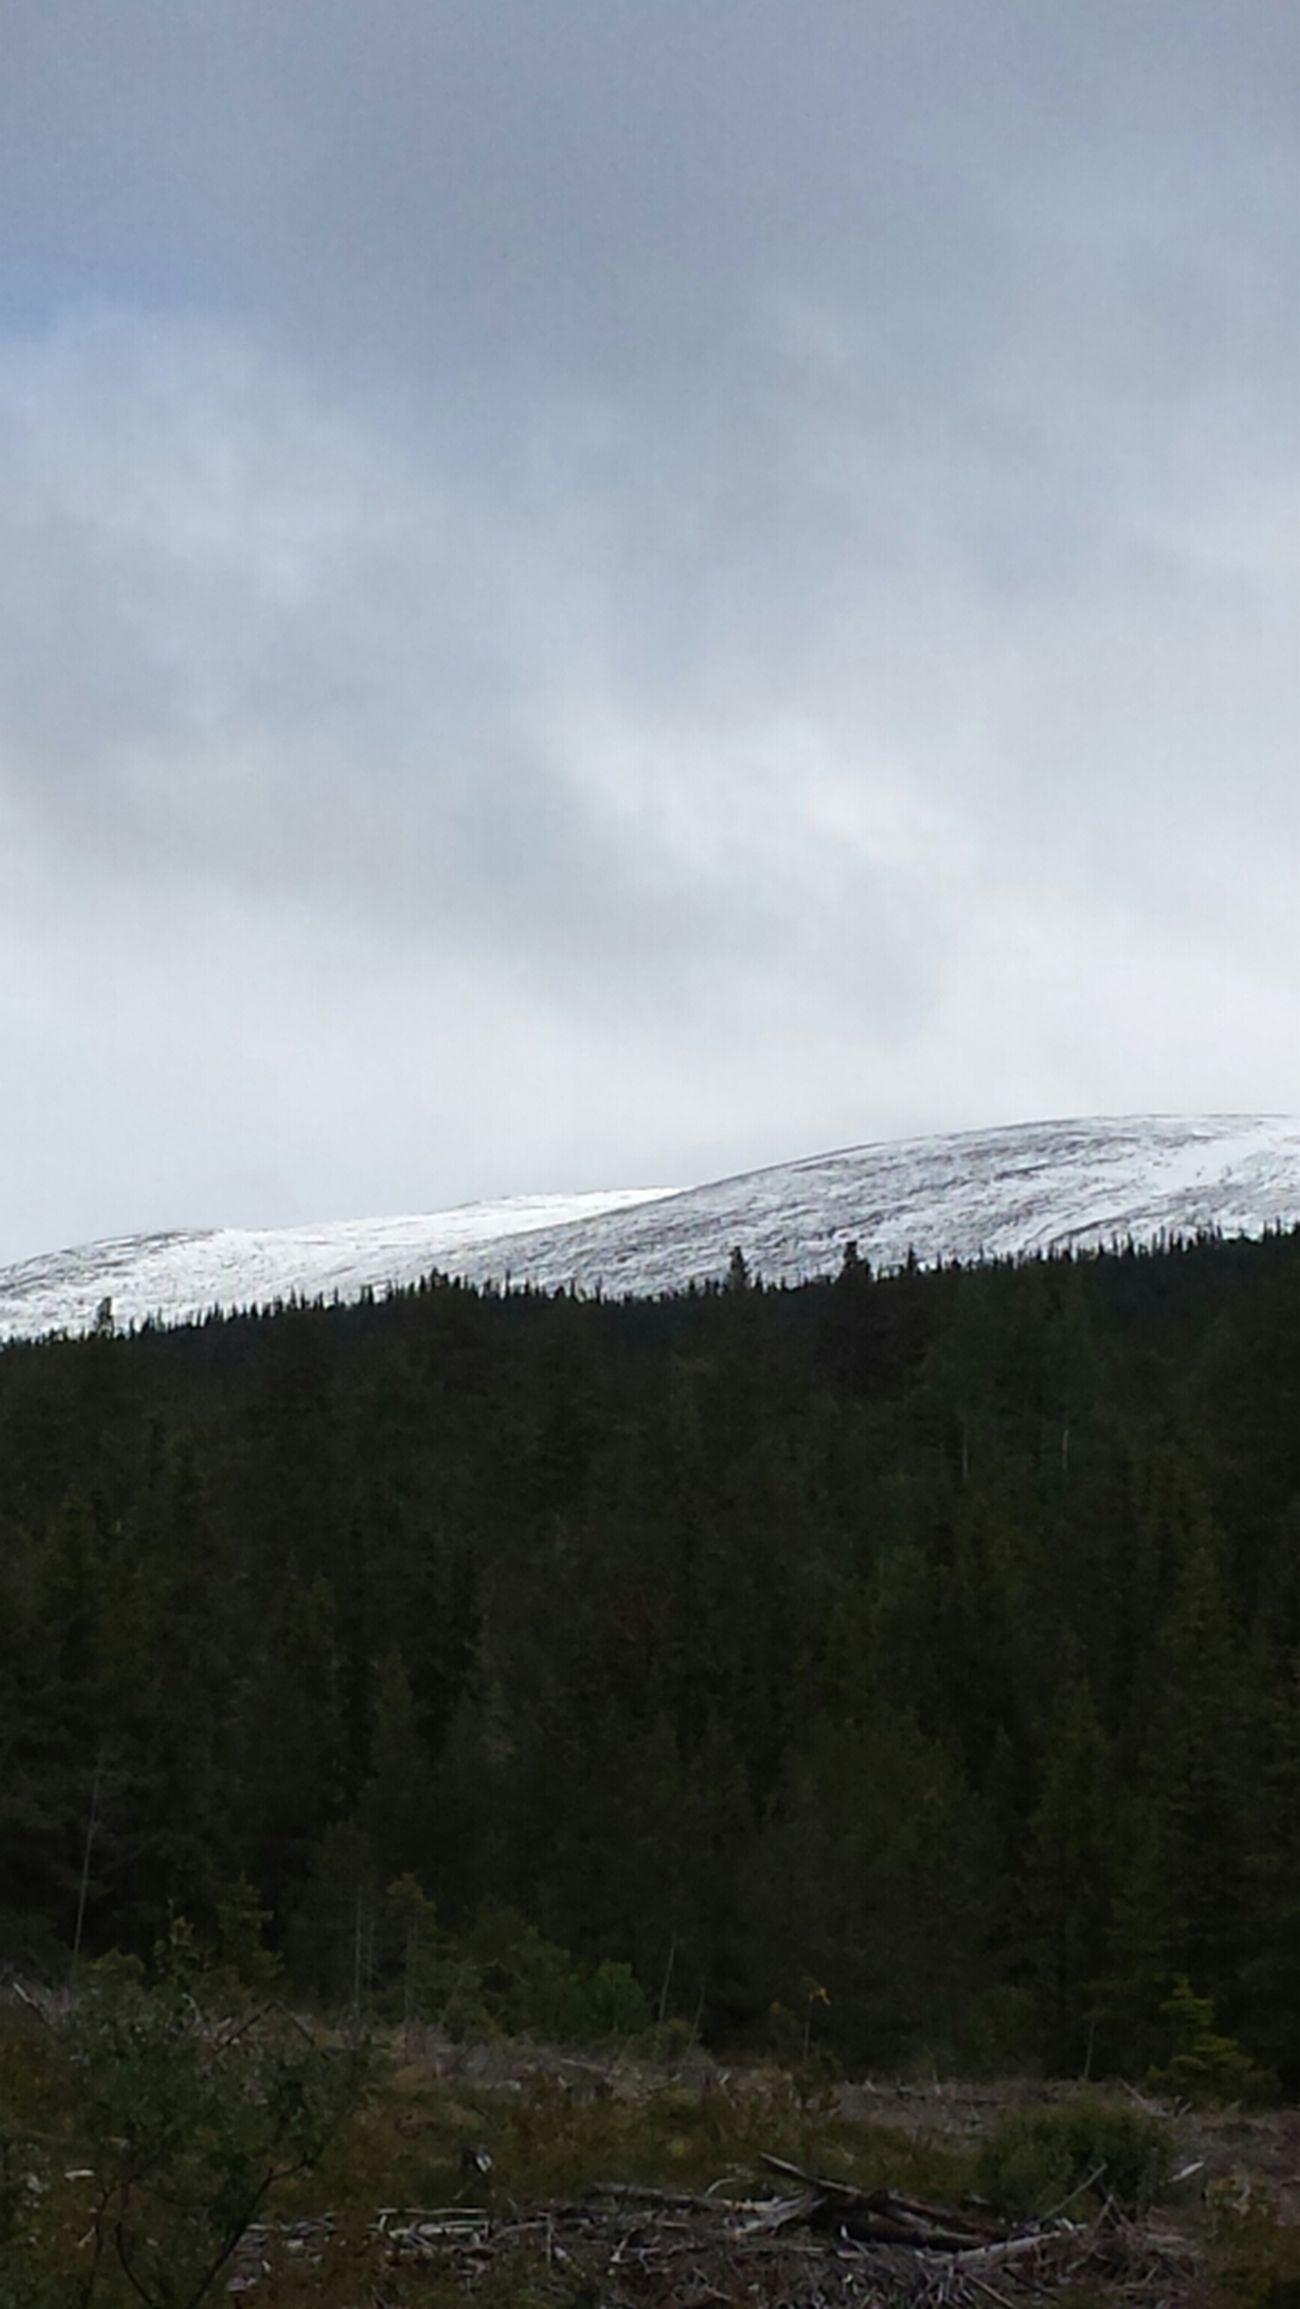 Snow Mountains Härjedalen Ljungdalen